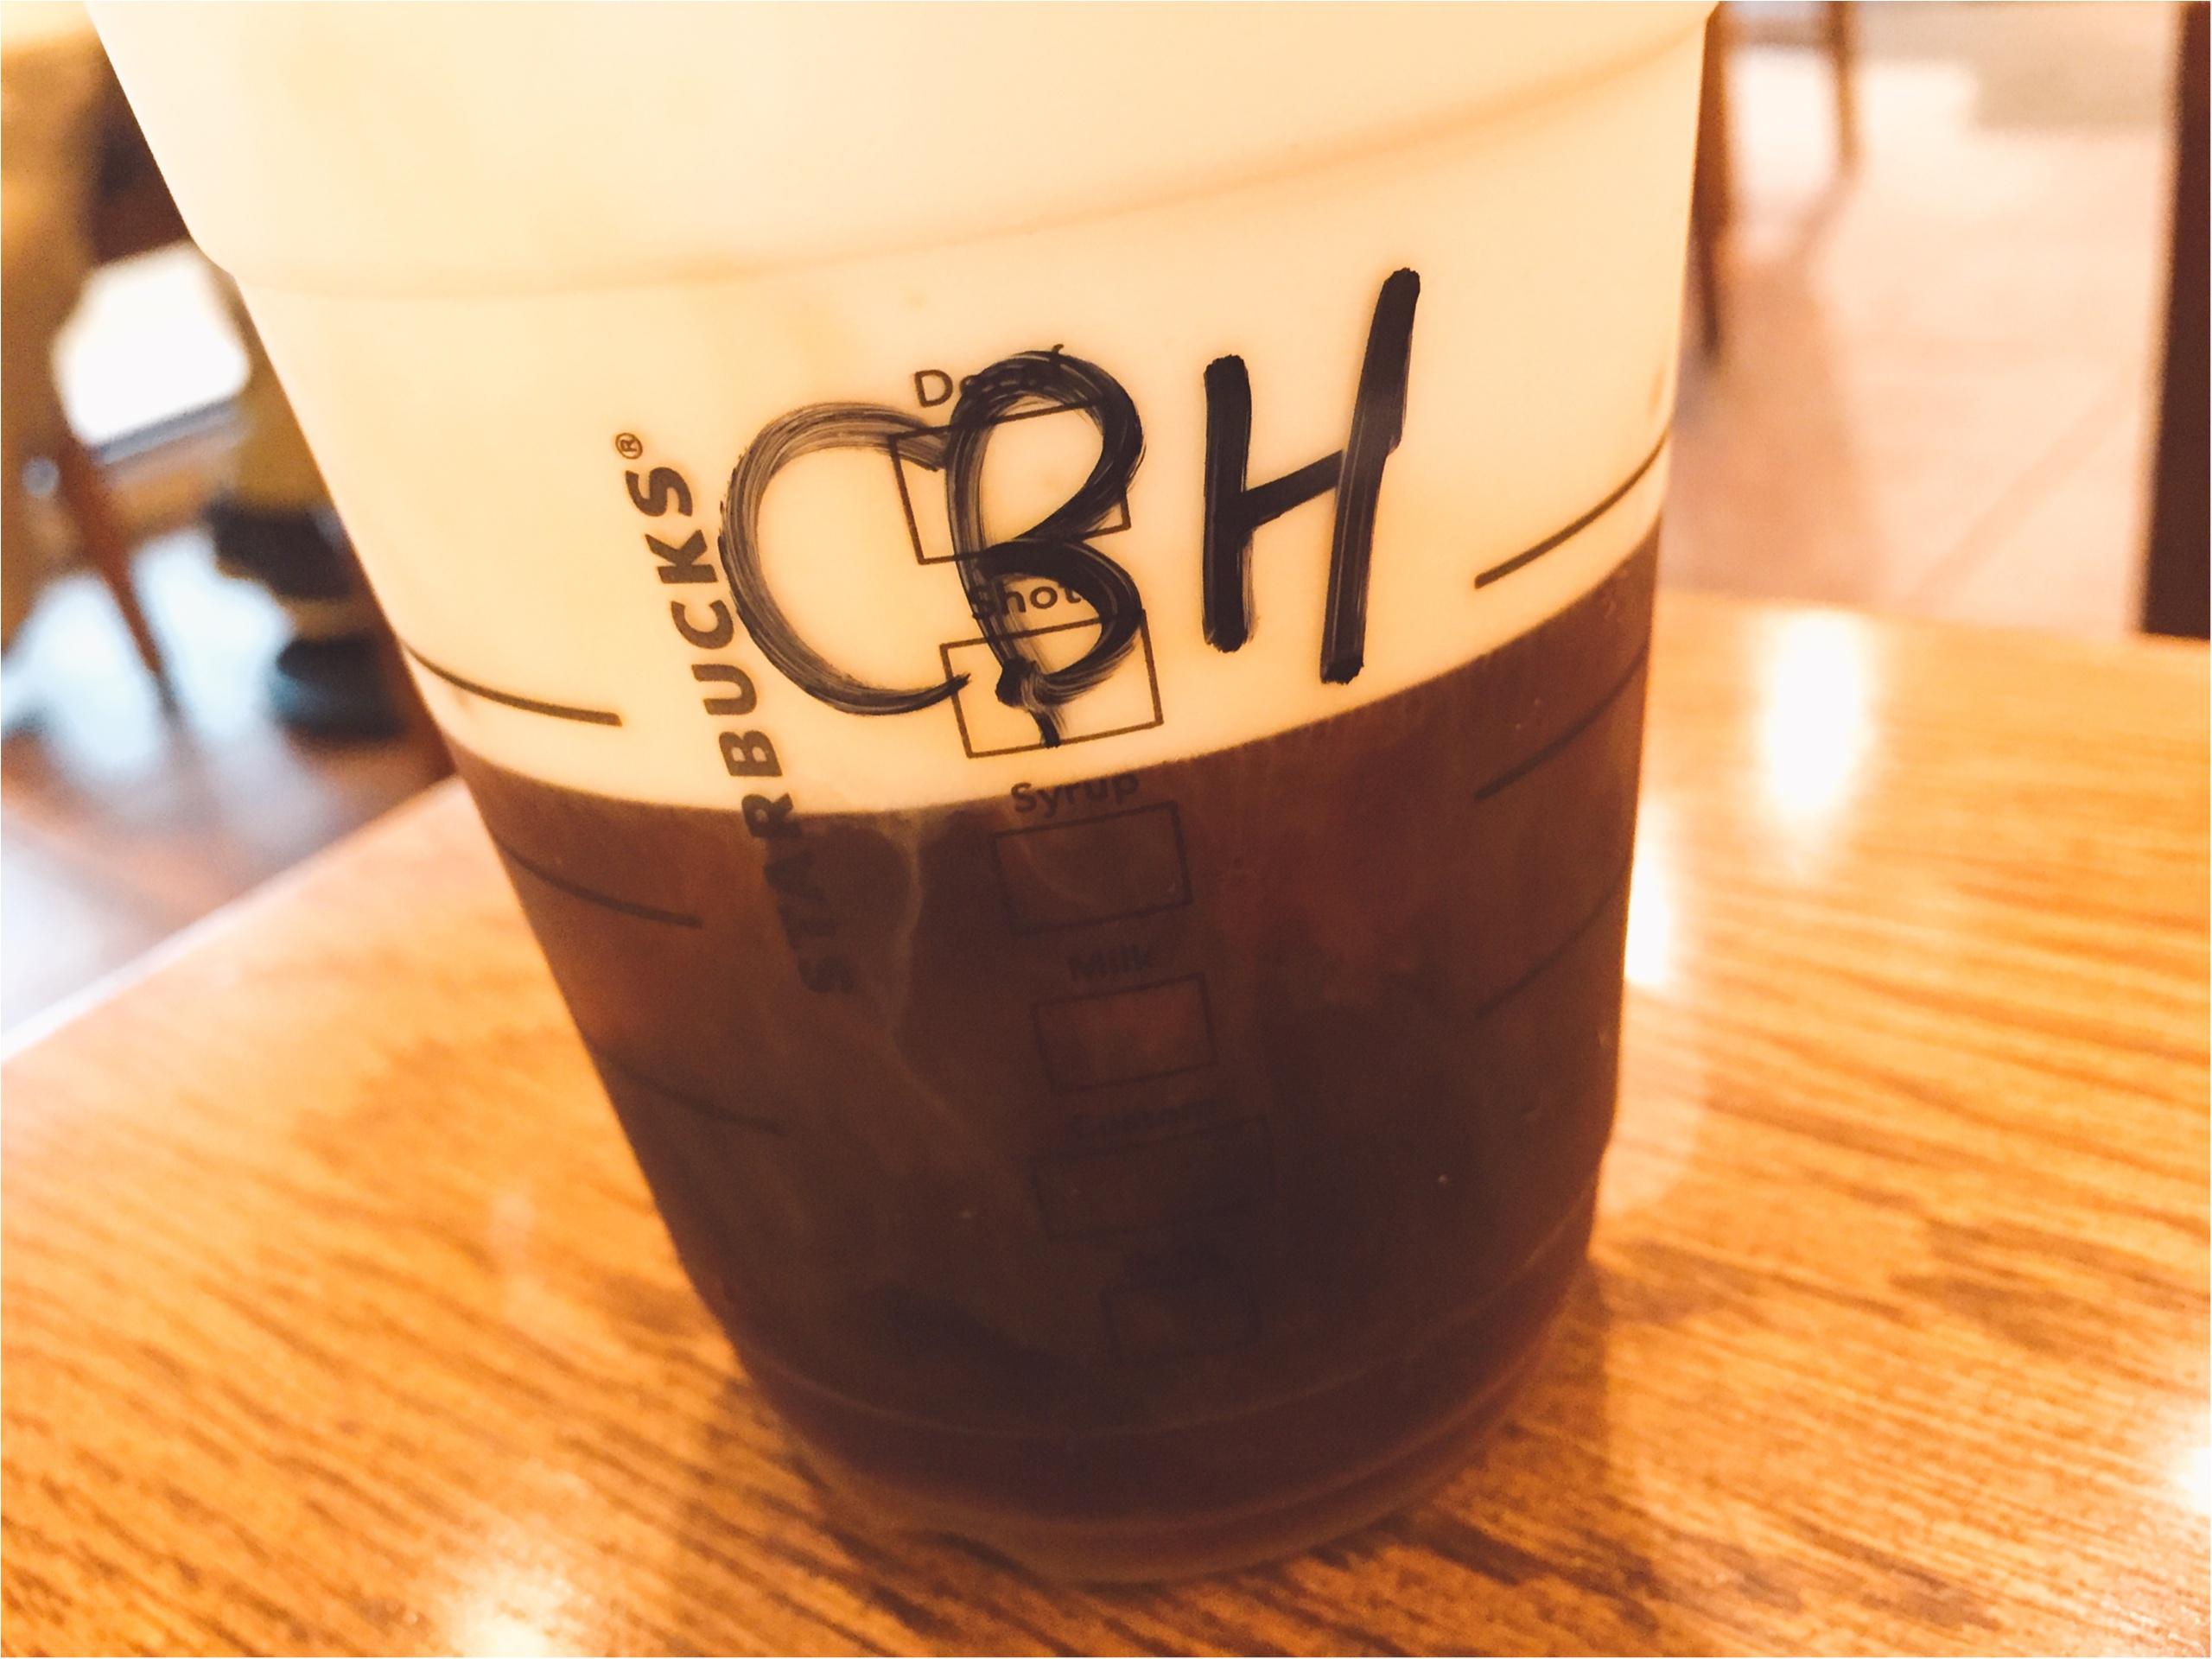 【スタバ】ブラック派でも楽しめるアレンジコーヒー!コールドブリュー ムース フォーム ヘーゼルナッツ☆_3